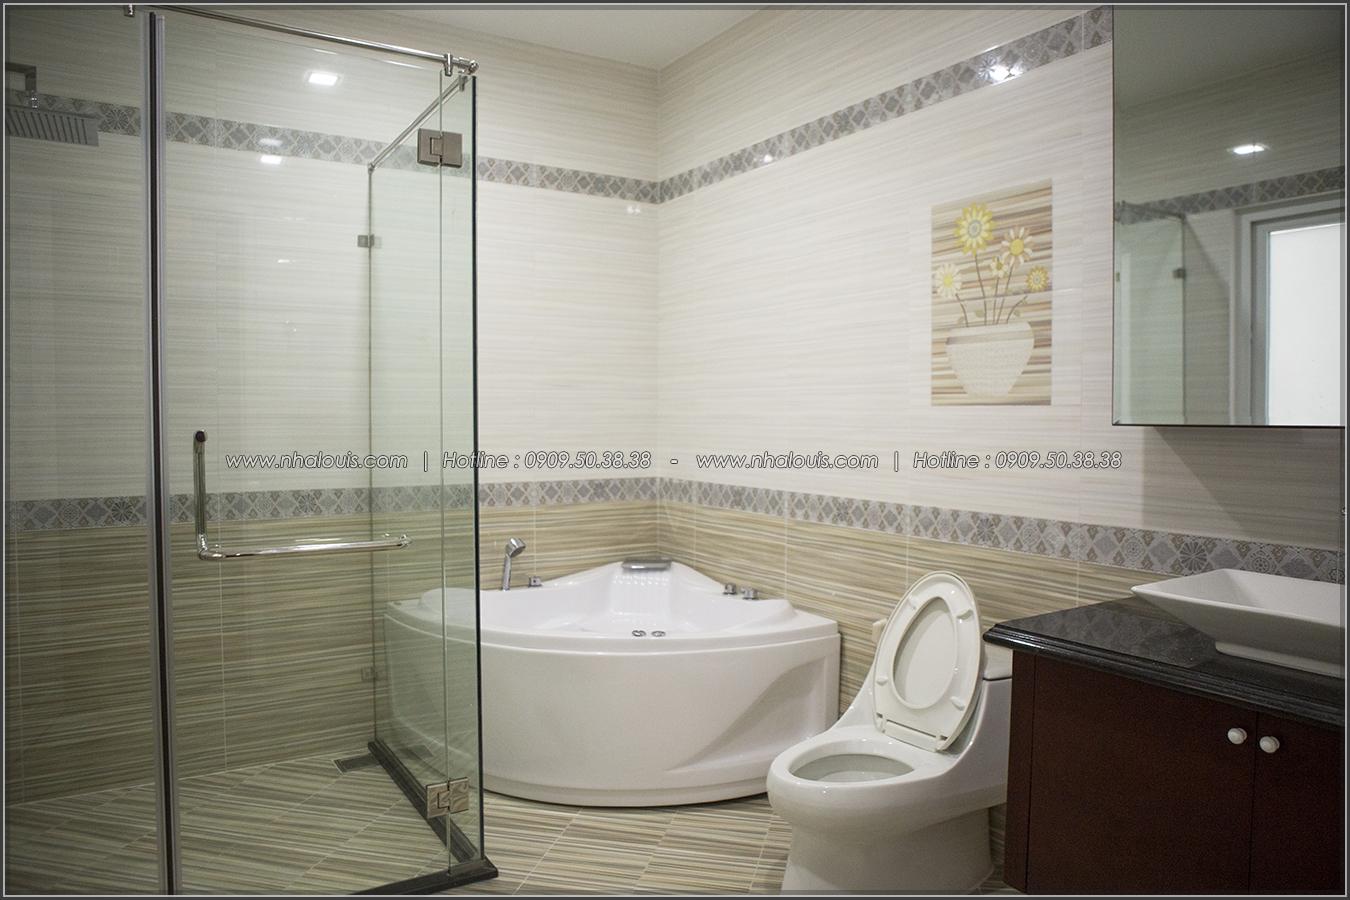 Thiết kế và thi công biệt thự phố đẹp với hồ bơi xanh mát tại Tân Bình - 39